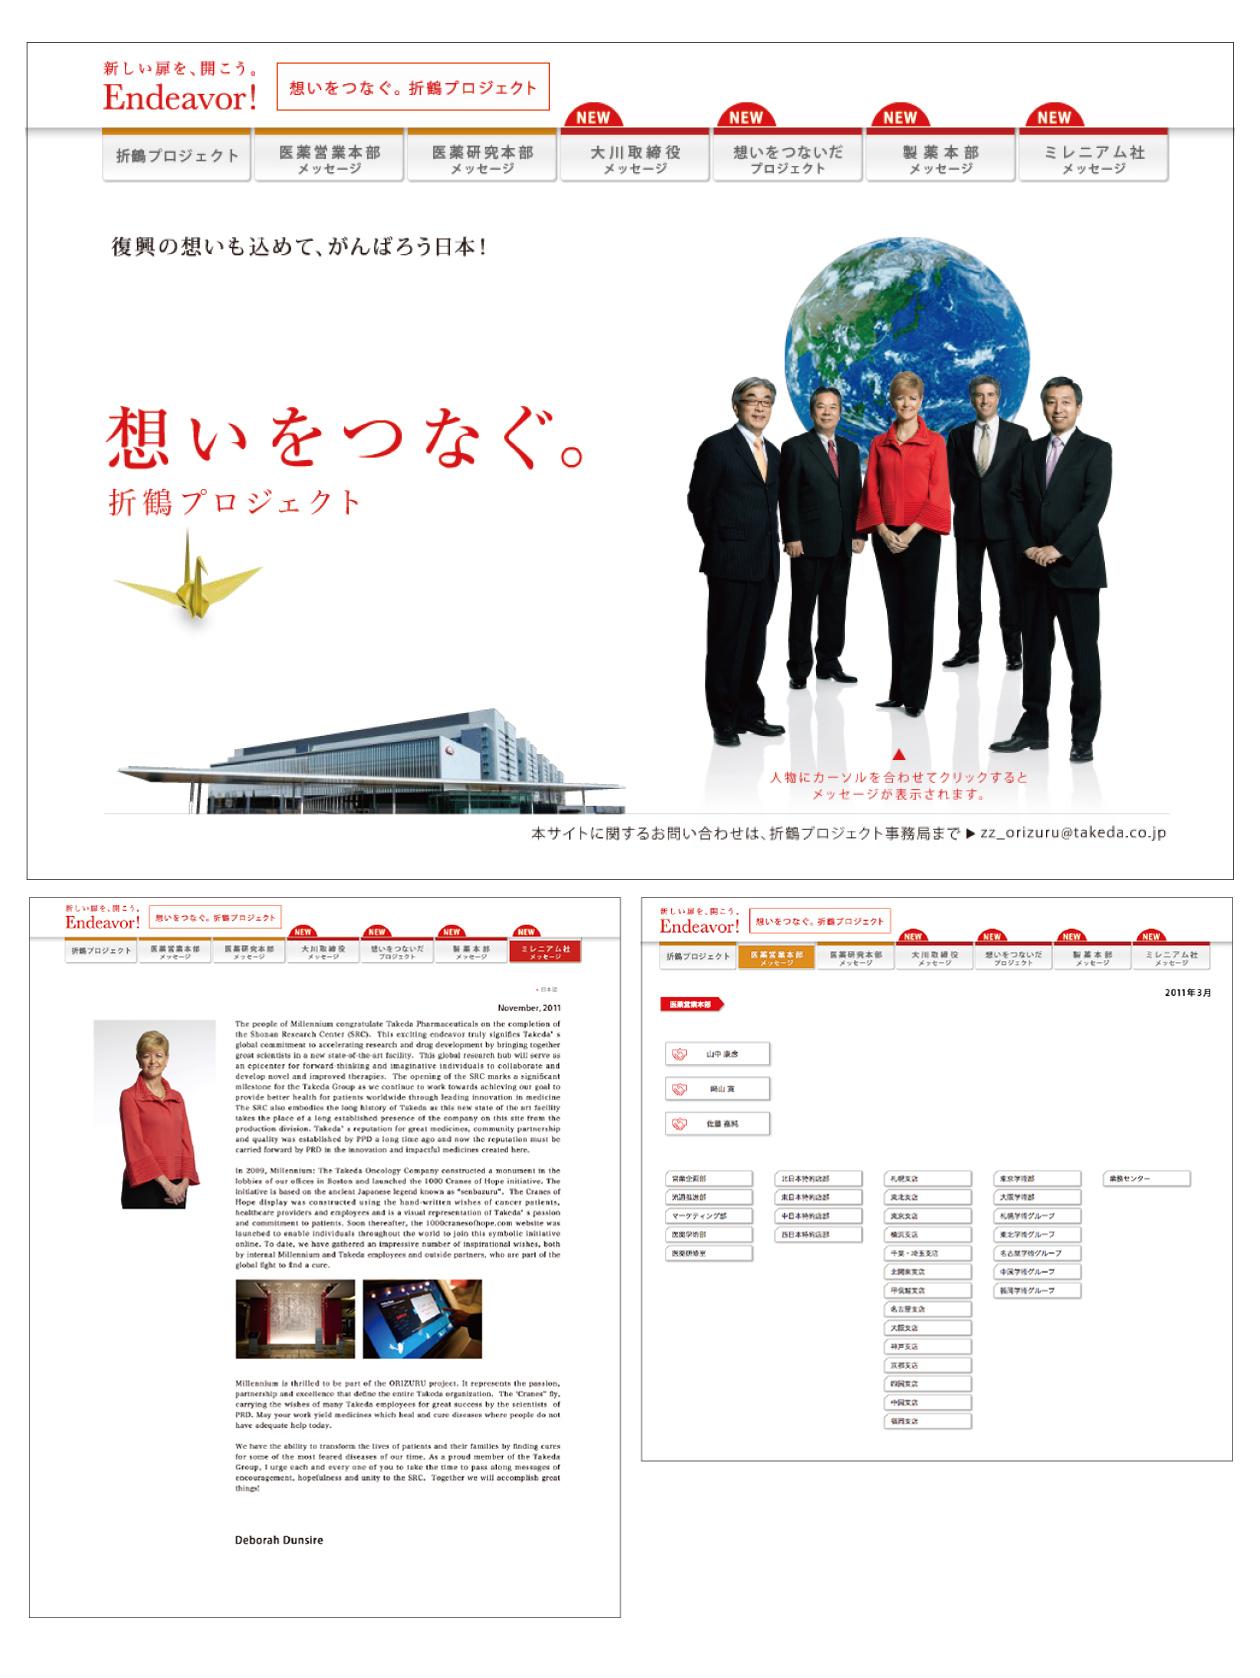 武田薬品「Endeavor!」ウェブサイト